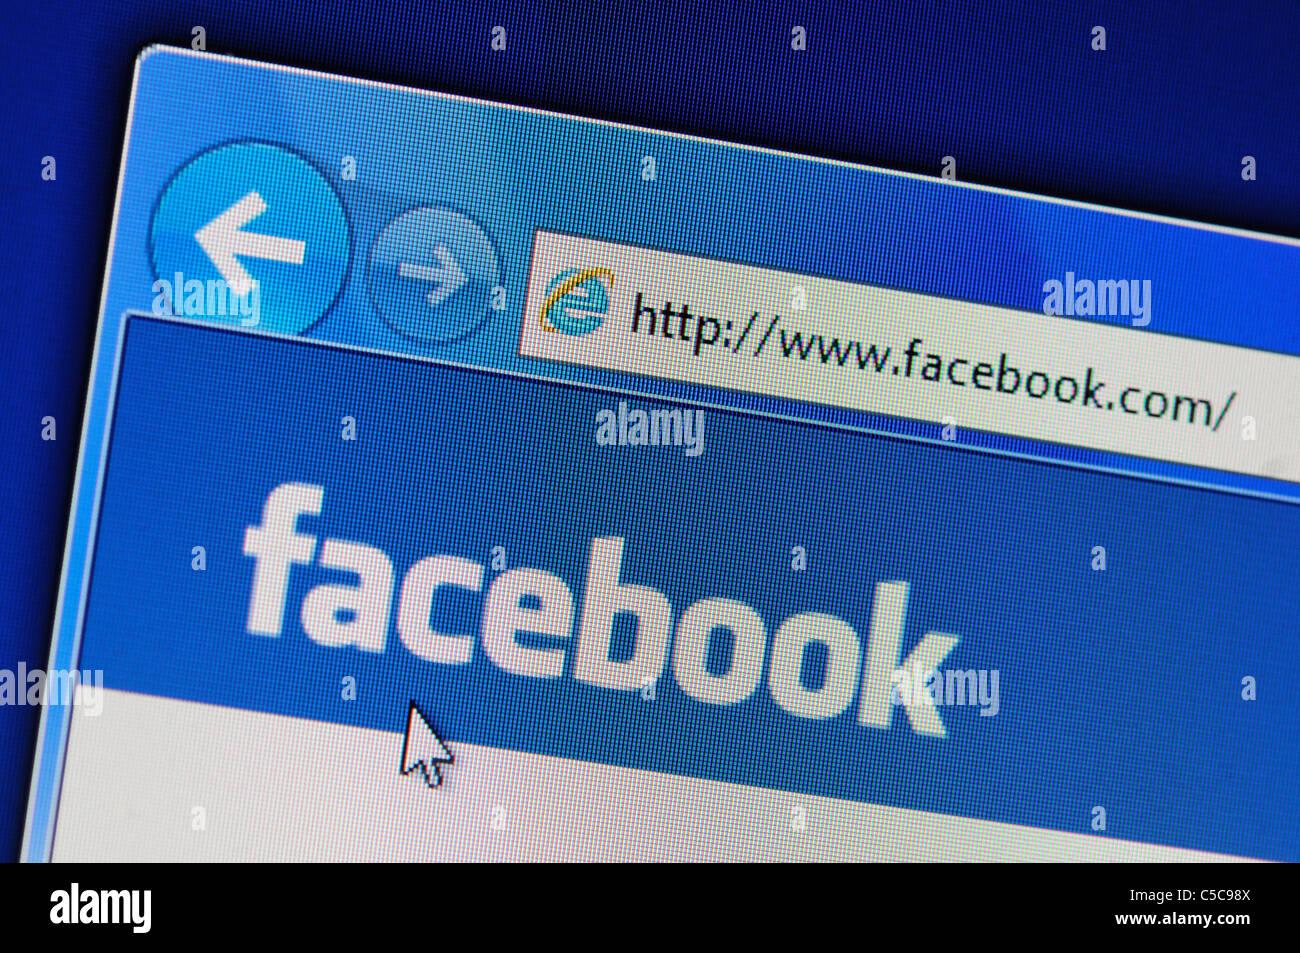 Le site internet Facebook dans le navigateur Internet Explorer; montrant sa page d'accueil logo affiché Photo Stock